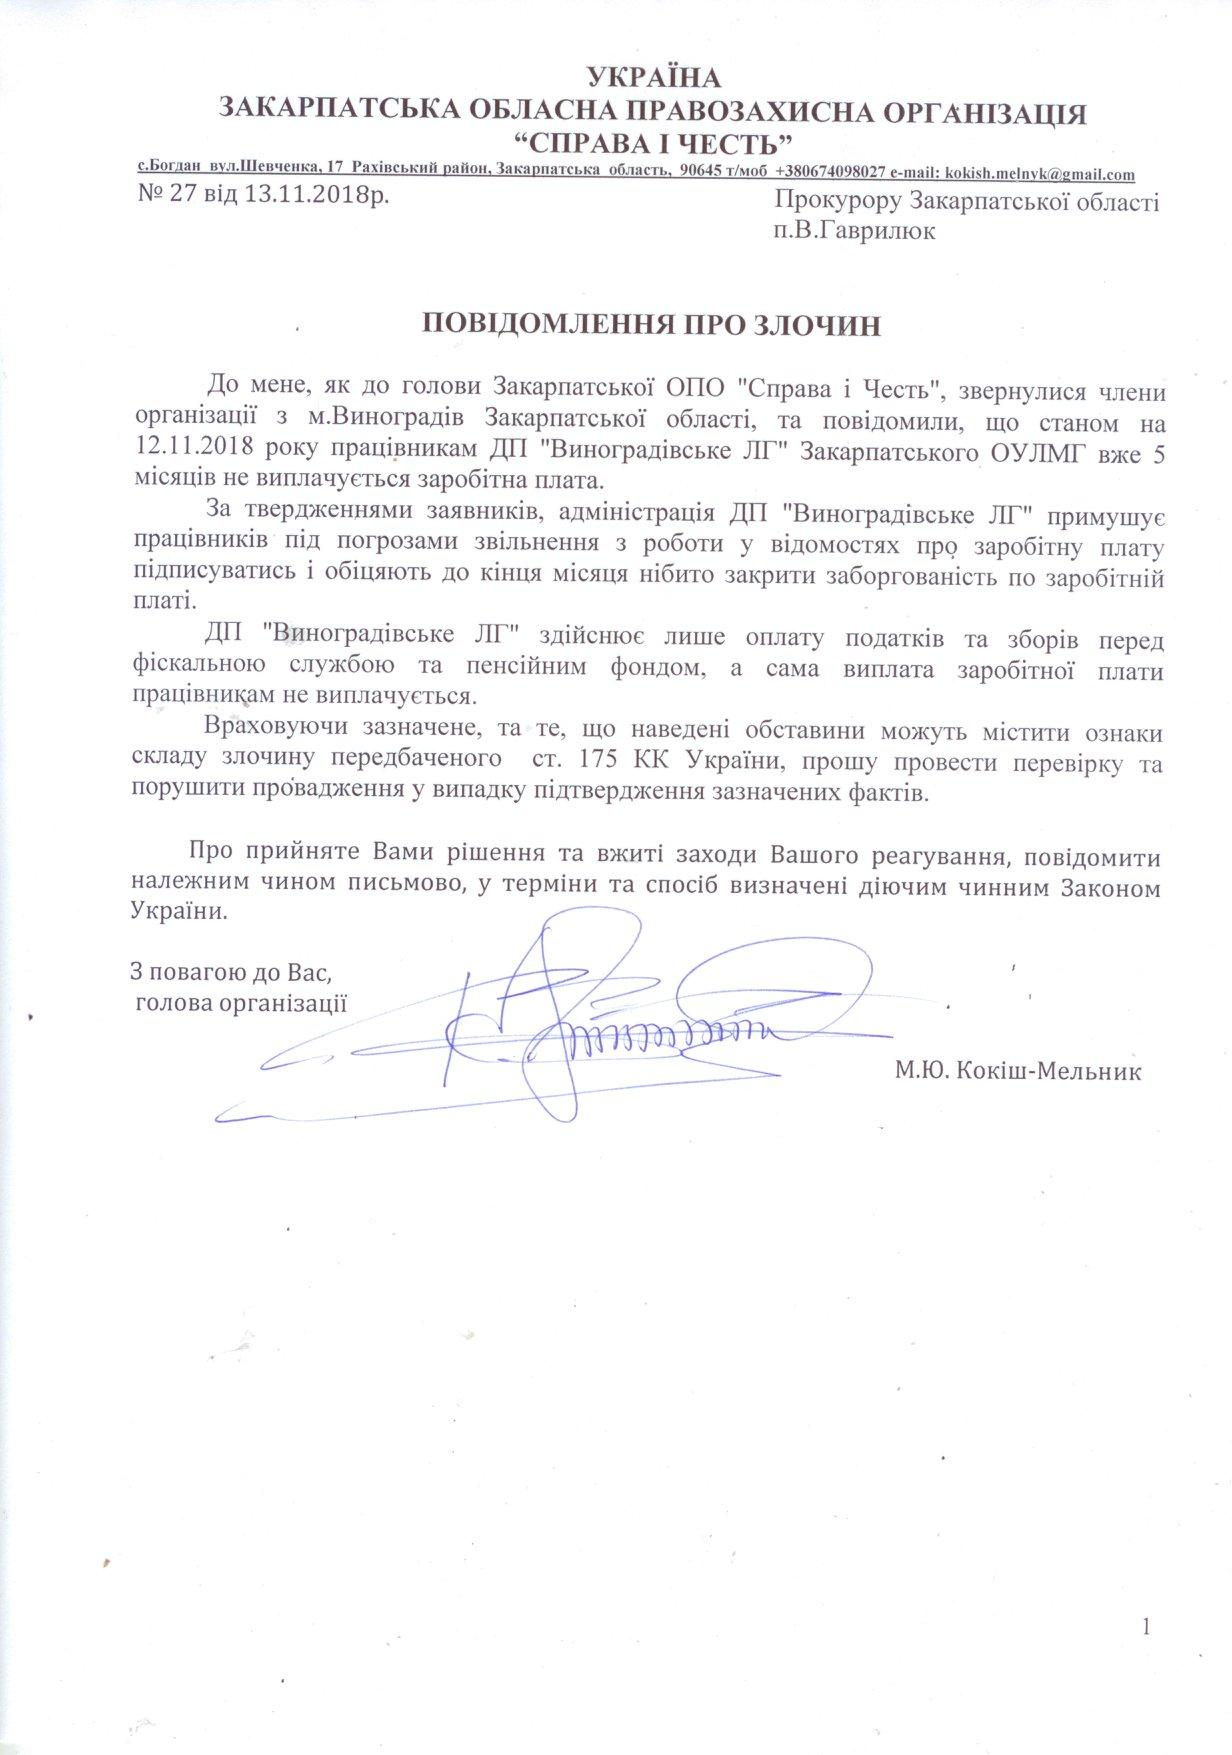 До прокуратури подано заяву про невиплату заробітної плати працівникам Виноградівського лісгоспу (документ)